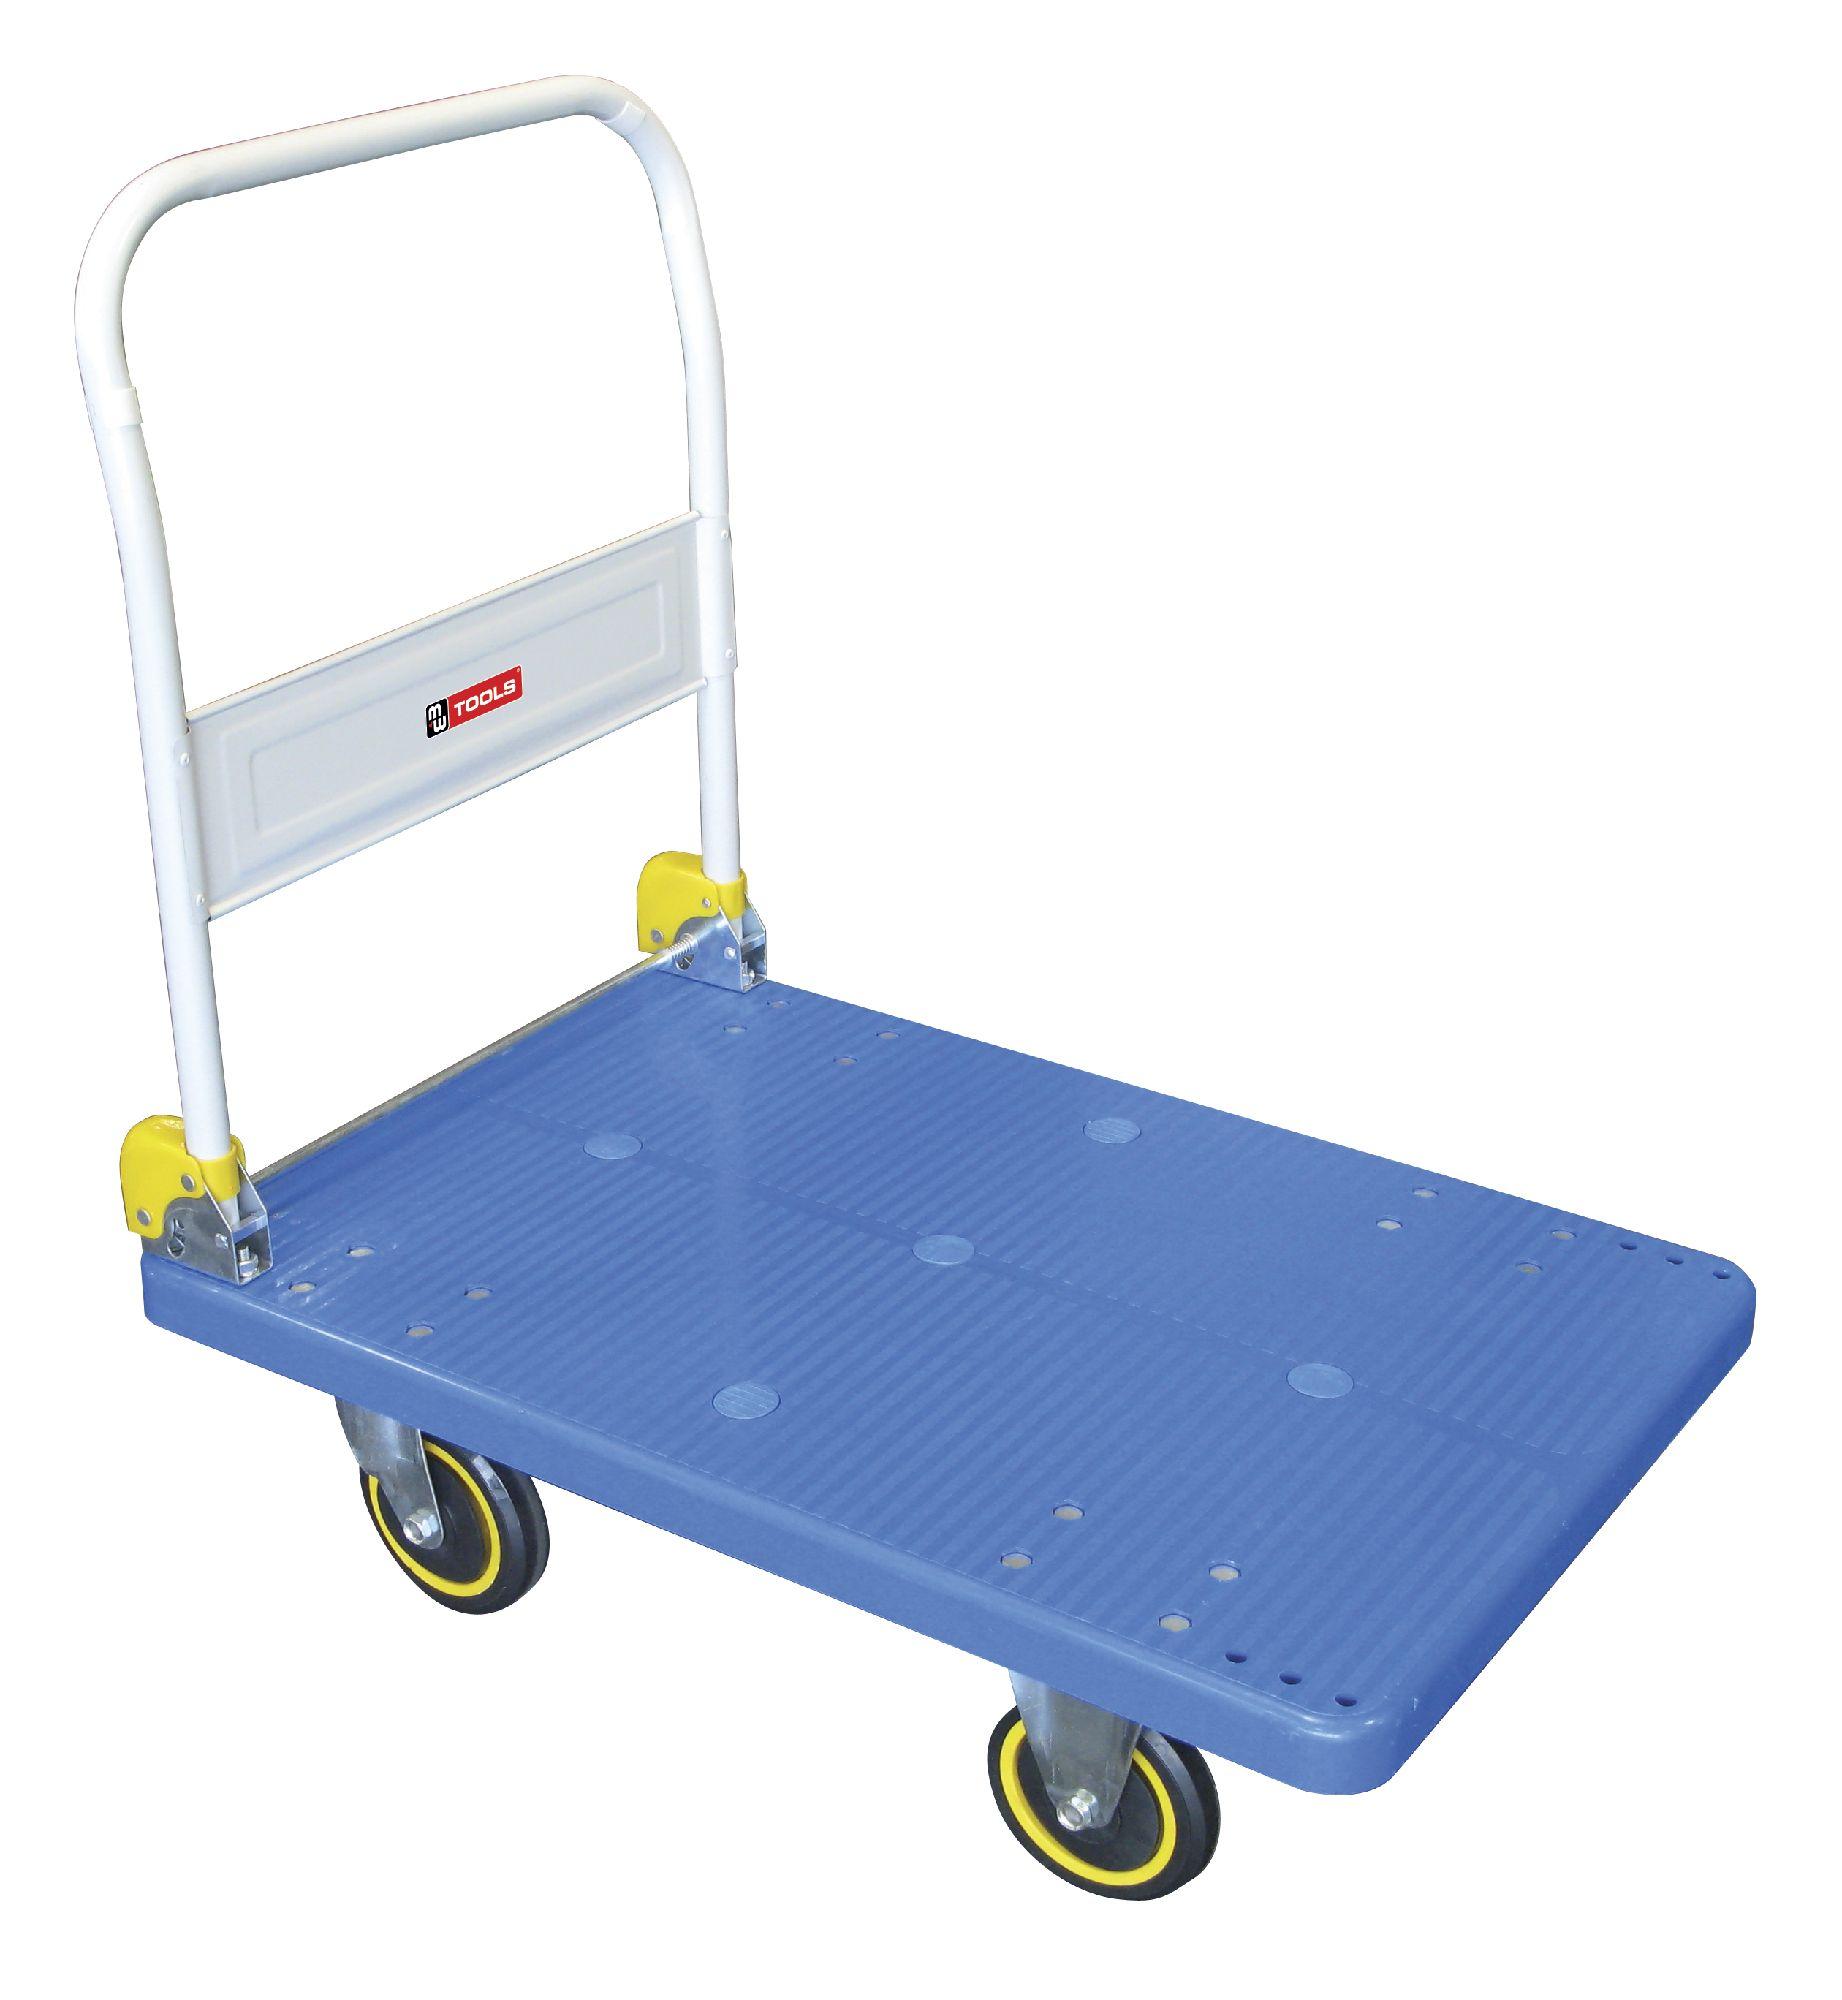 plateau roulant 300kg chariot plateforme manutention. Black Bedroom Furniture Sets. Home Design Ideas